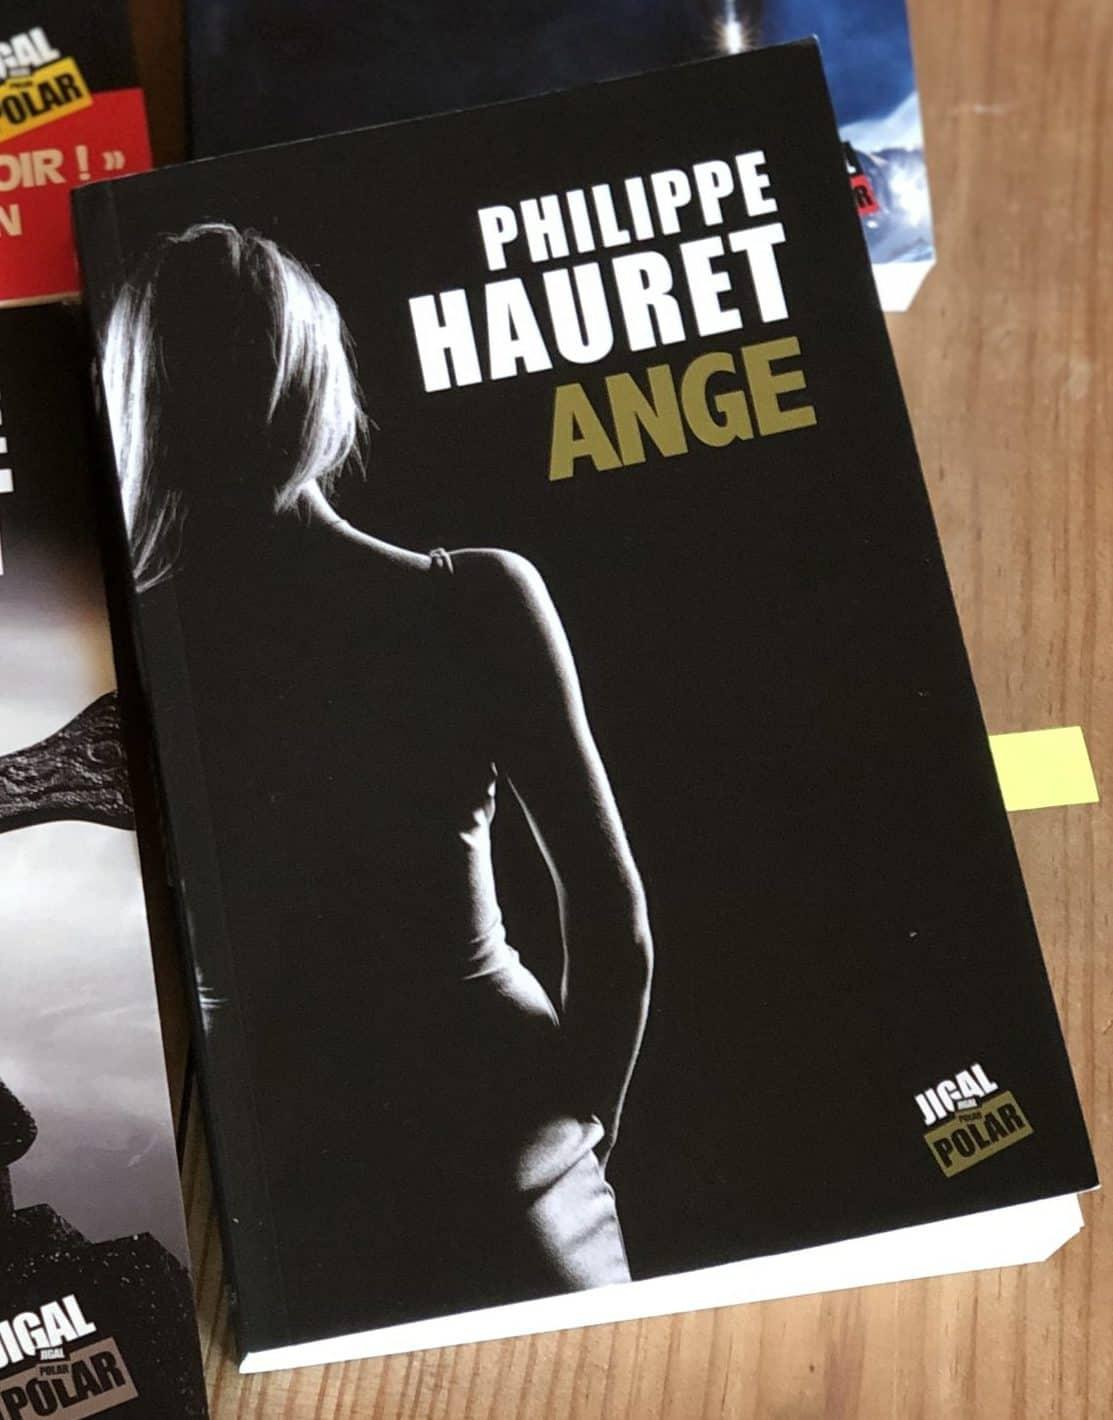 Ange, Philippe Hauret